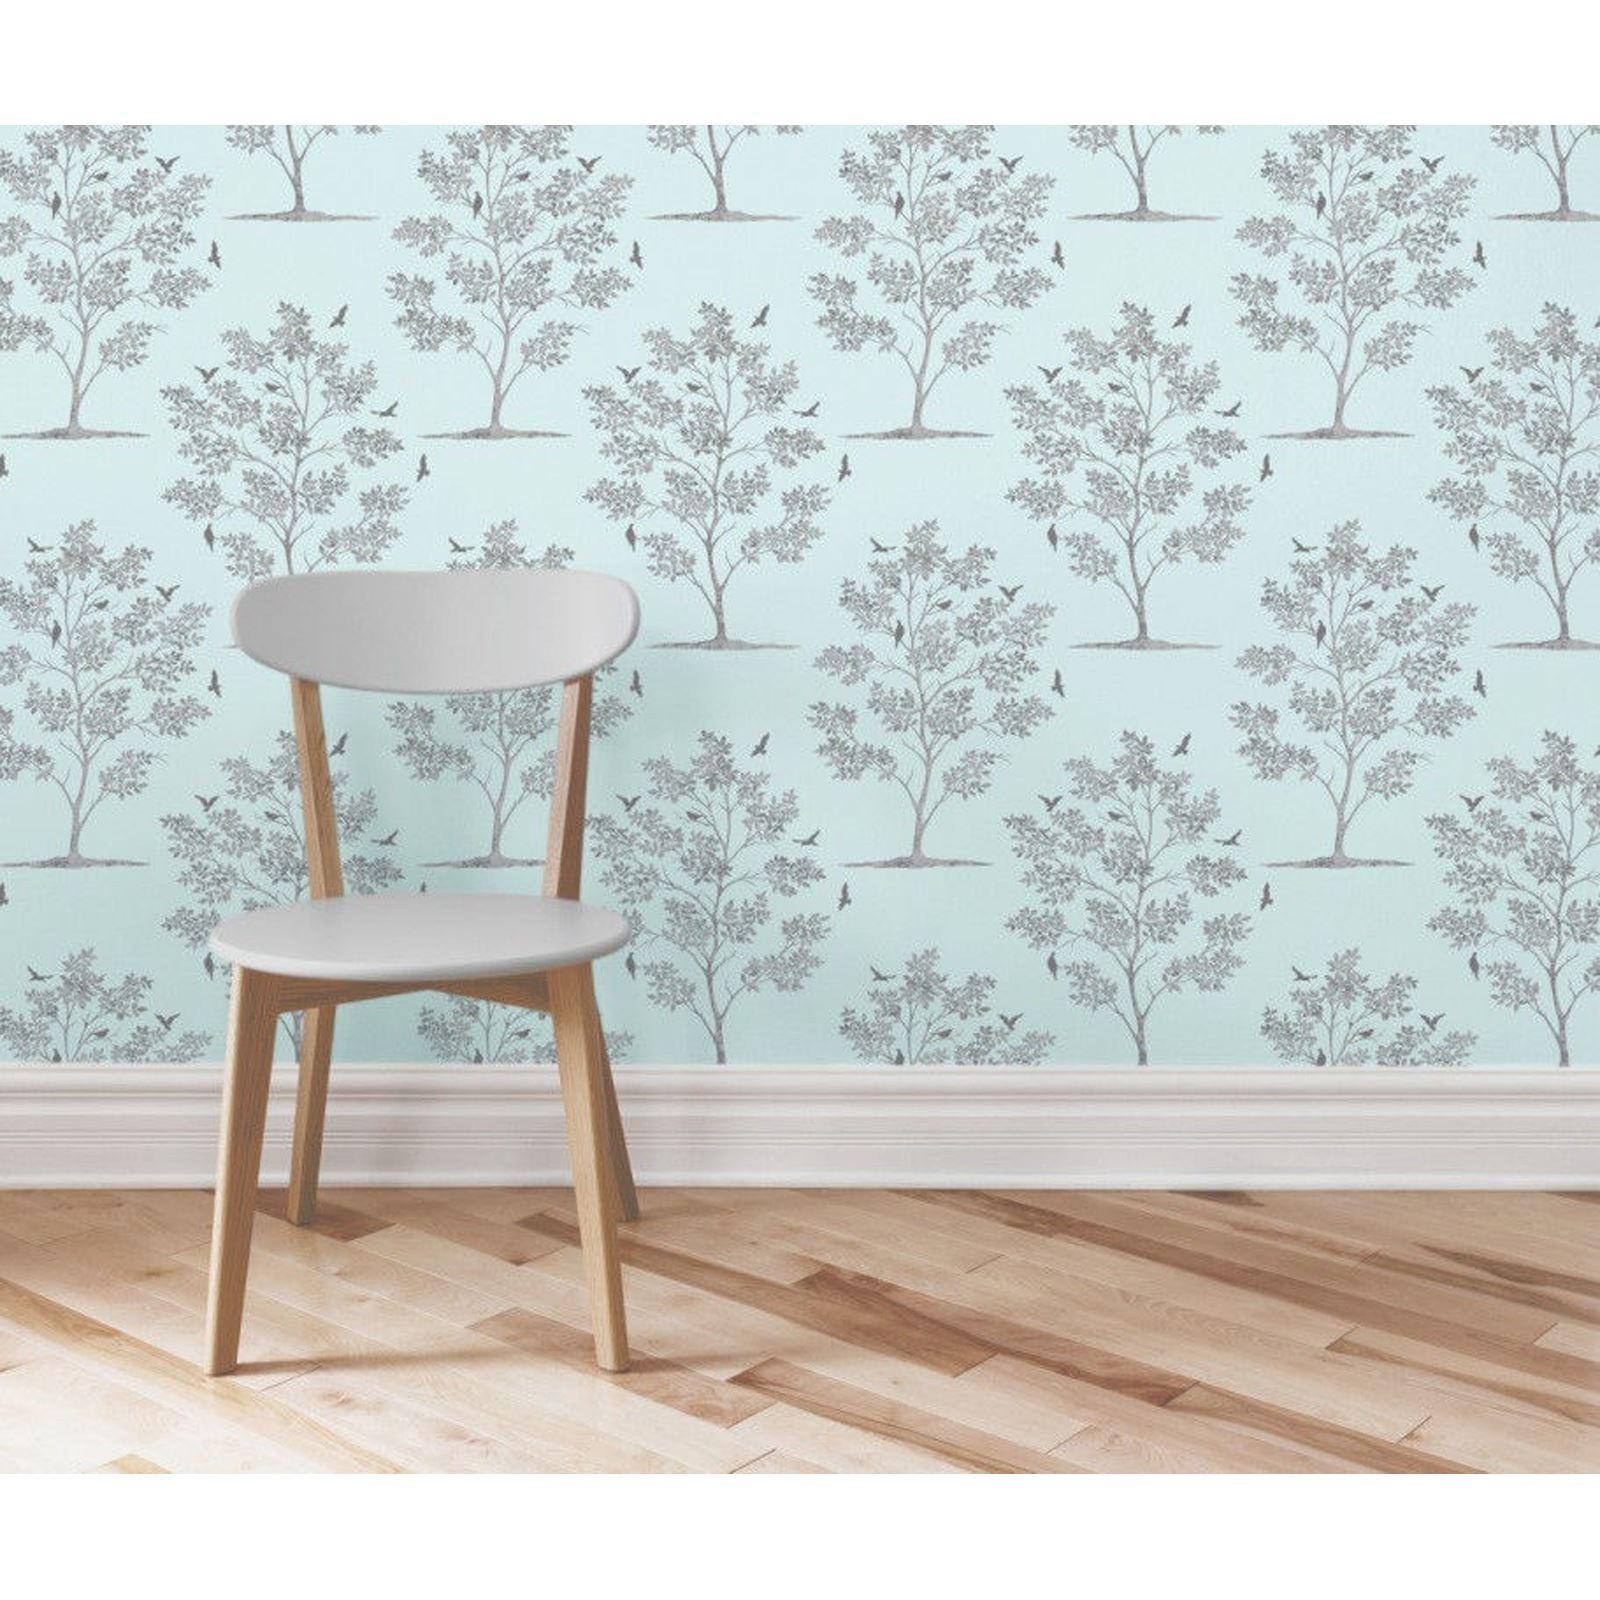 Good Wallpaper Grey Duck Egg Blue - 79d882d7-ca41-4eec-9d1c-5072db8fdc0f  Picture_58212.jpg